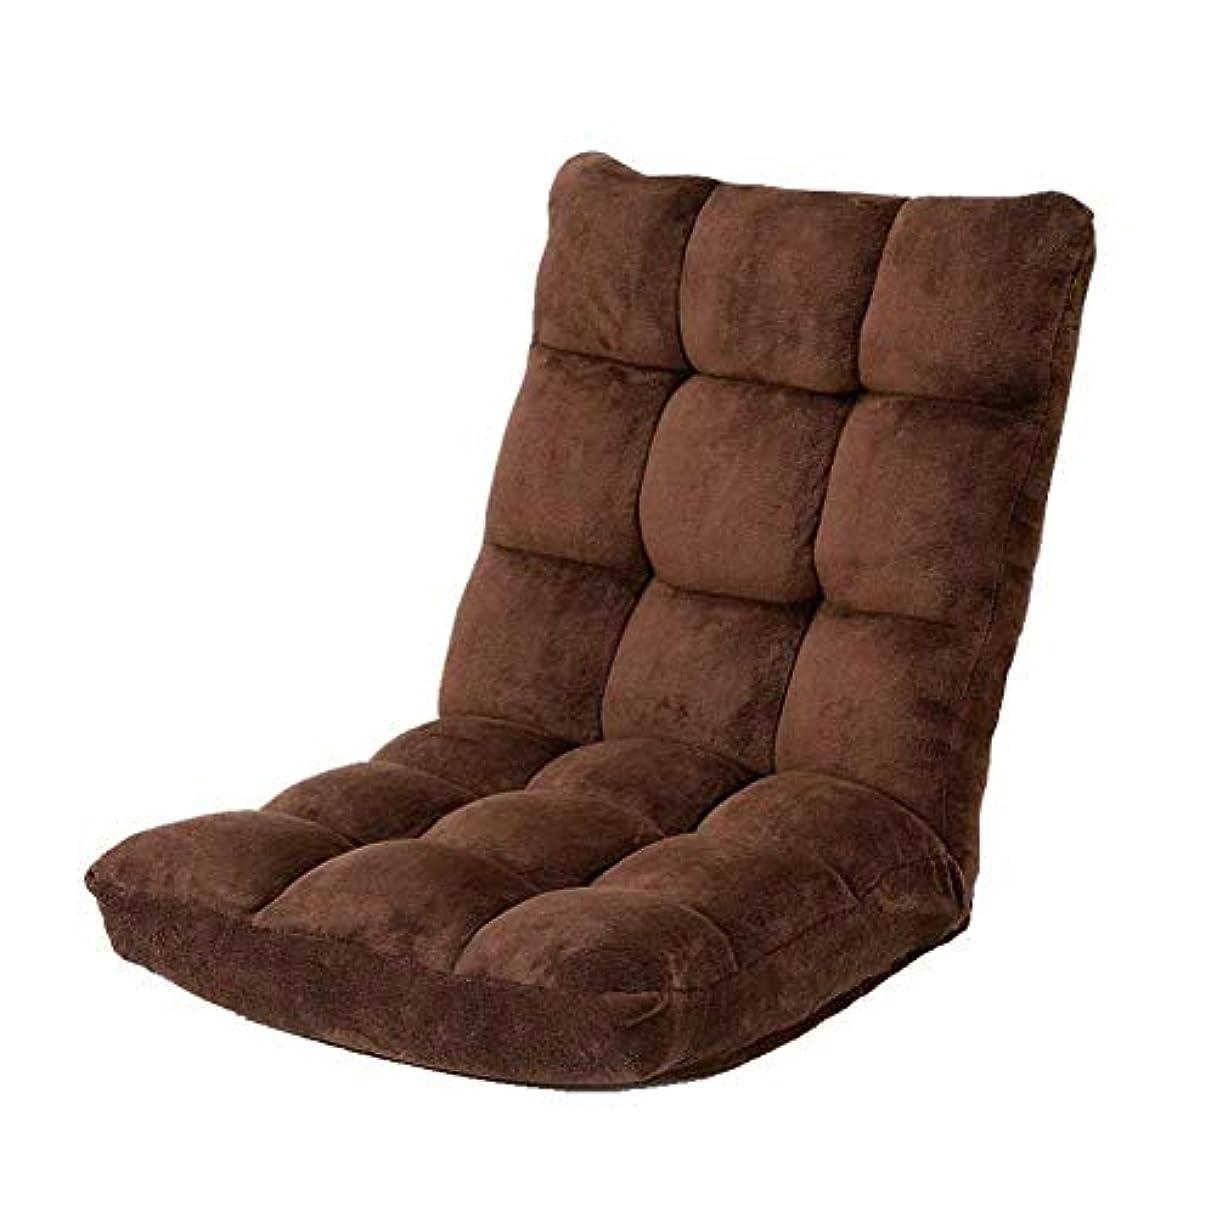 トリップびっくりしたガレージ瞑想用椅子、座りソファー、折りたたみ式畳床、折りたたみ式解体および洗濯可能増粘、レッグレスカジュアルシングルリクライニングベッド (Color : Brown)